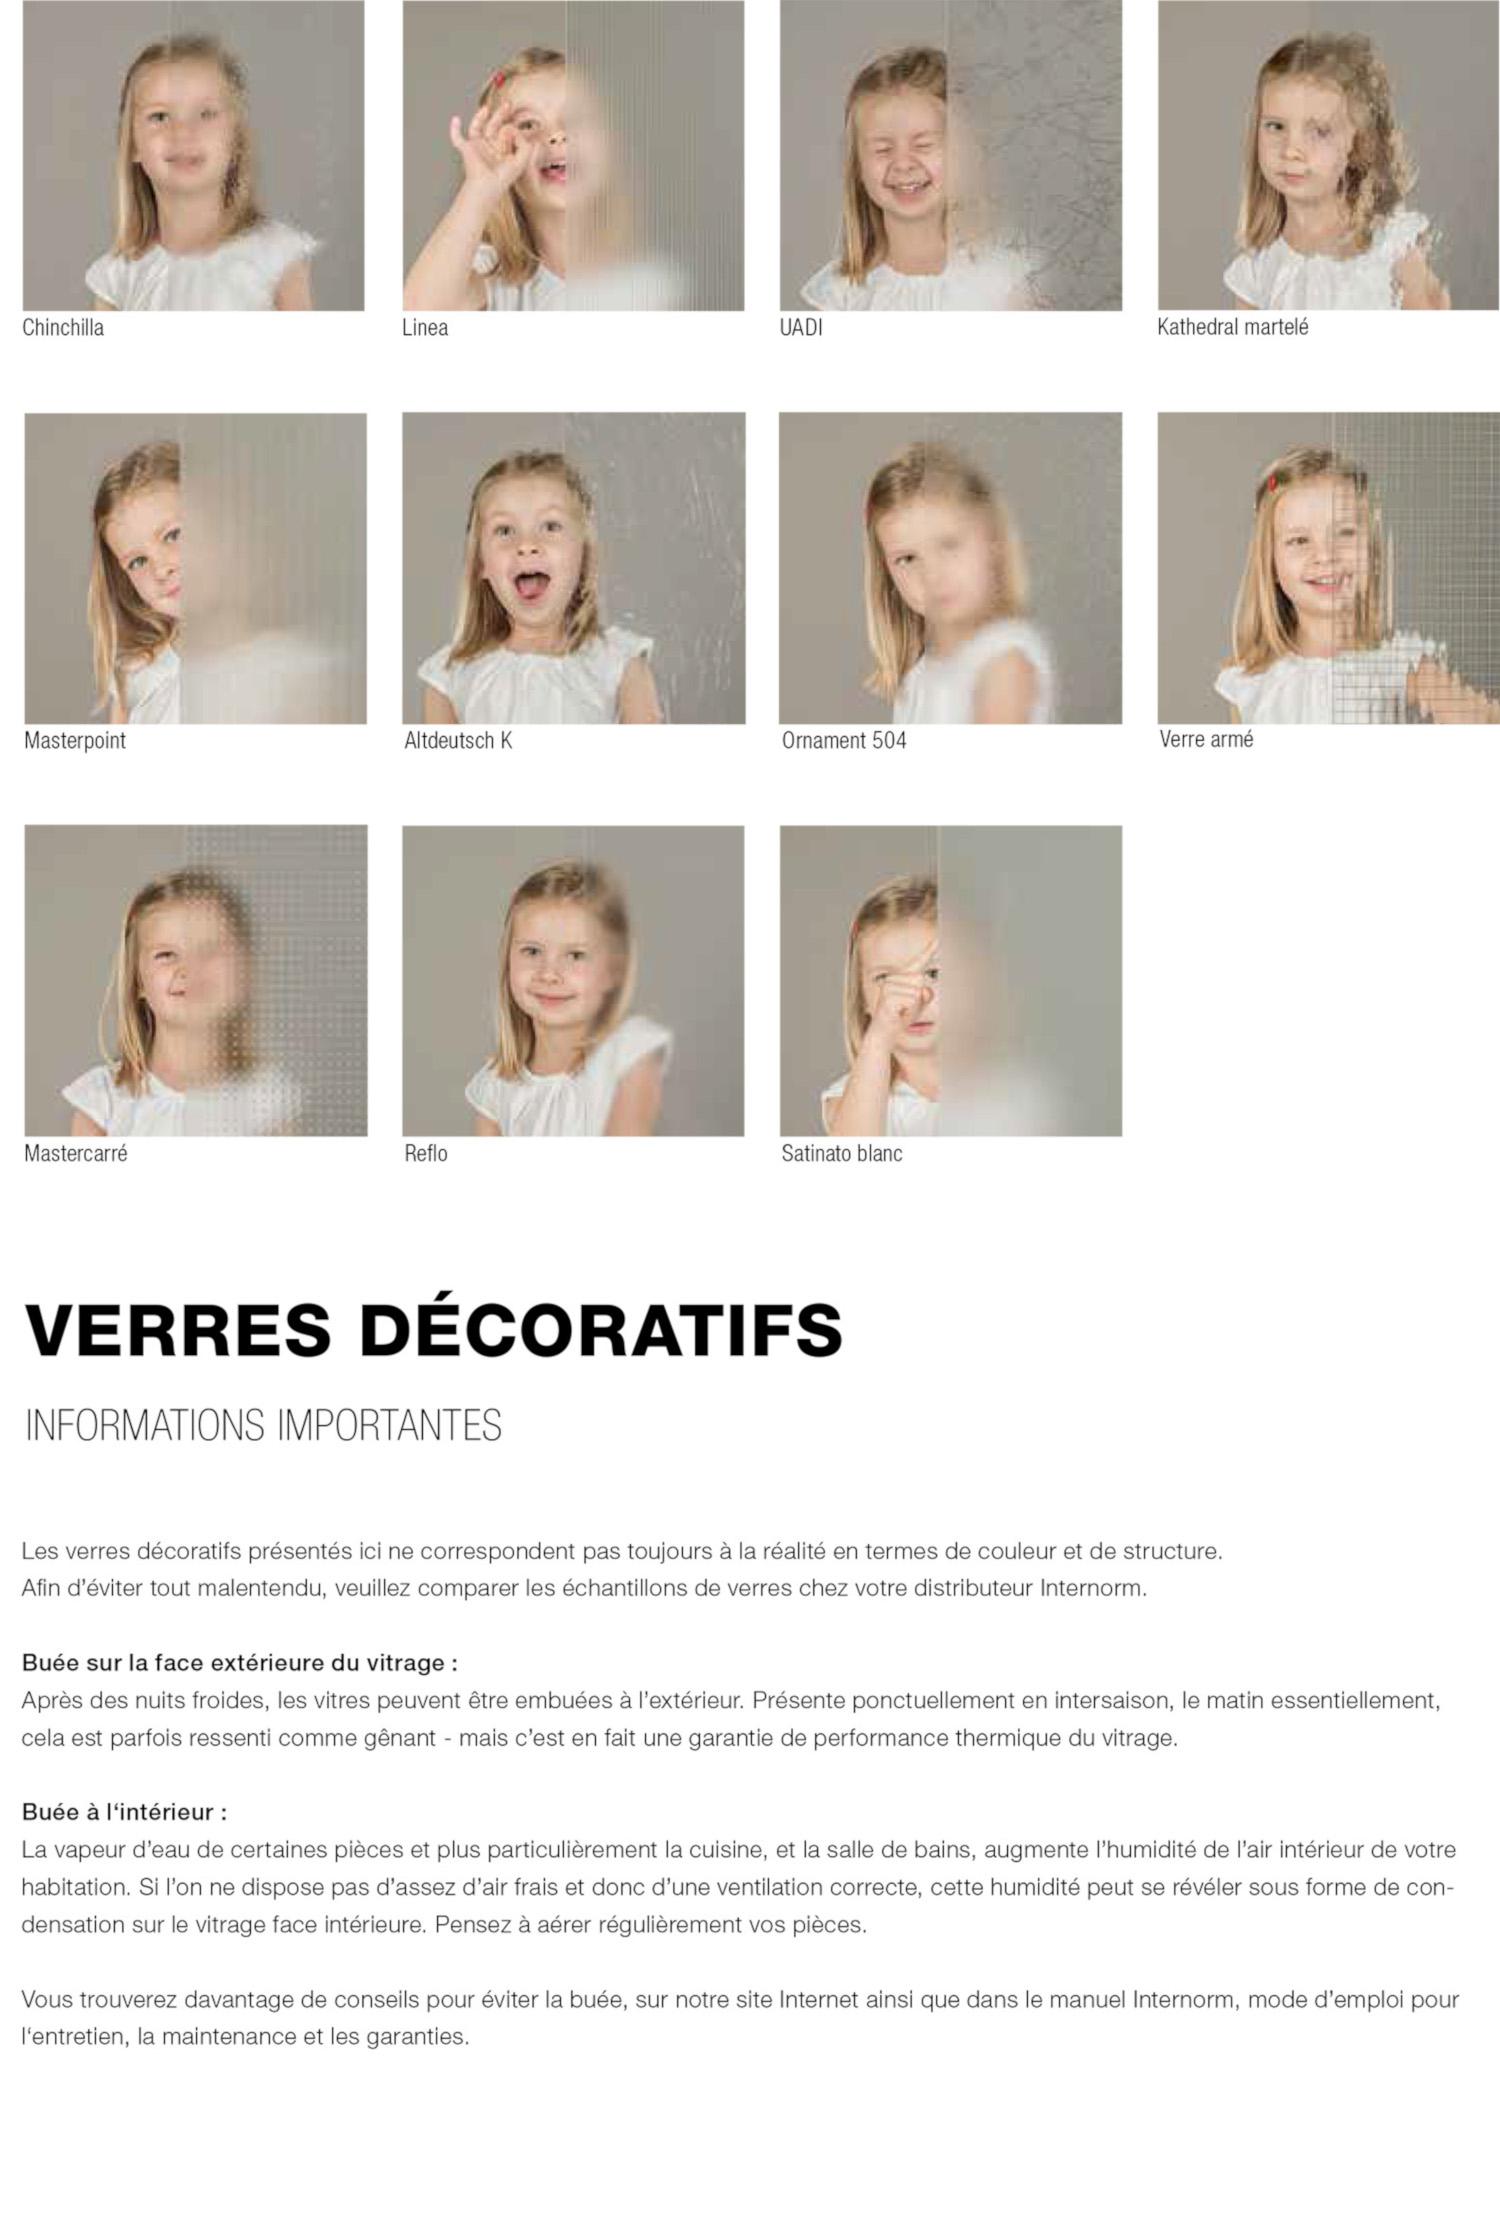 Verres décoratifs Internorm pour fenêtres et portes-fenêtres